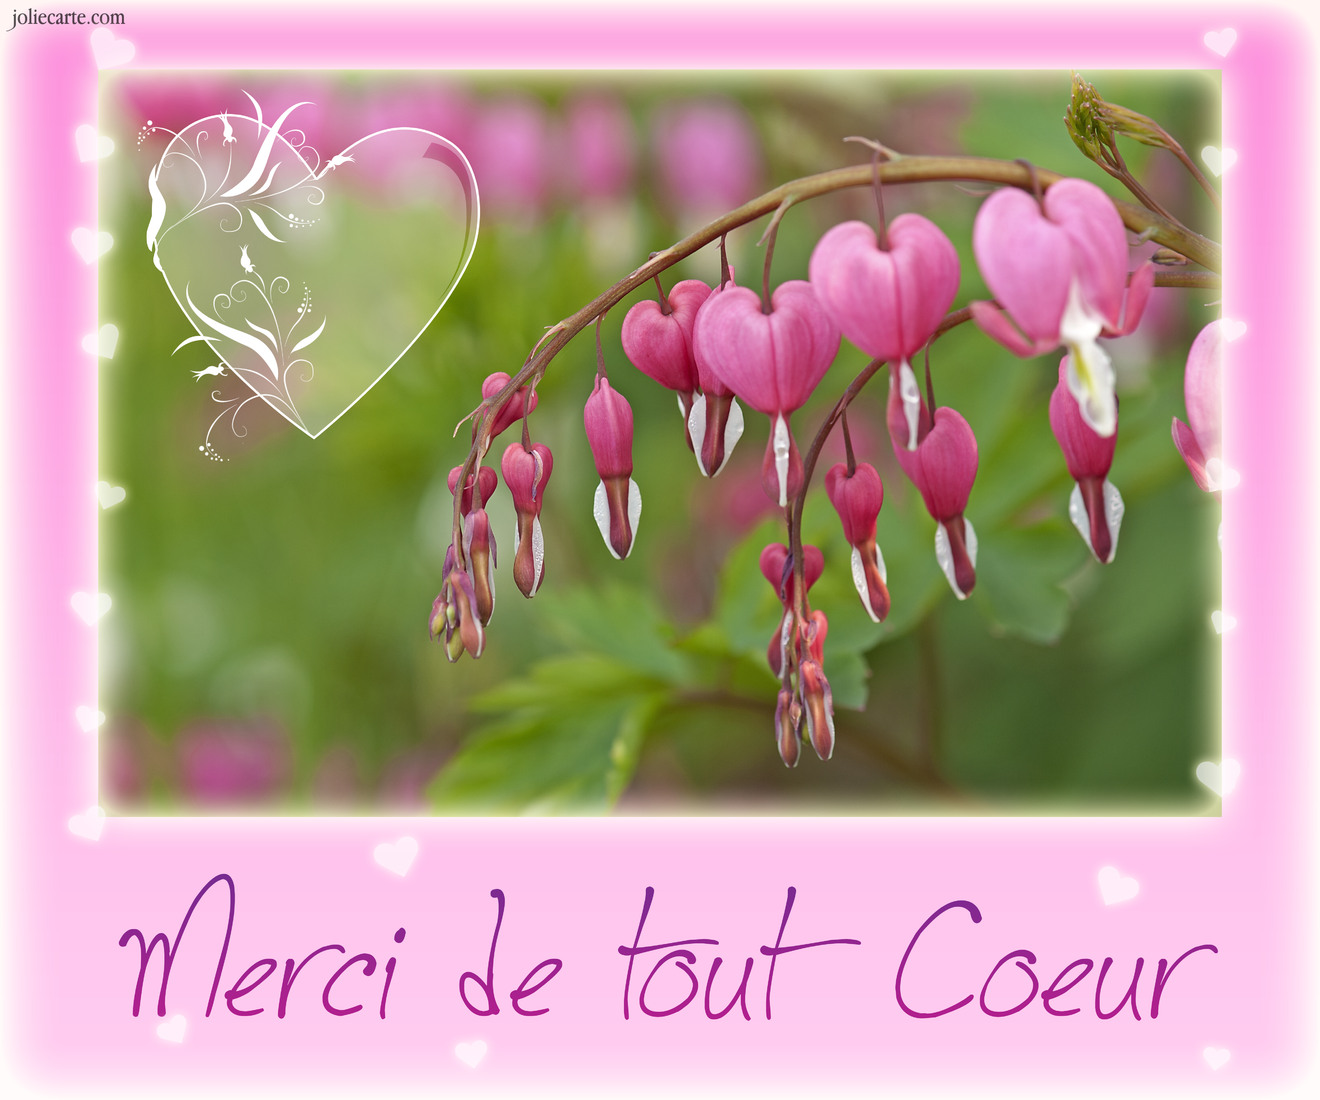 Cartes virtuelles merci coeur joliecarte - Images coeur gratuites ...